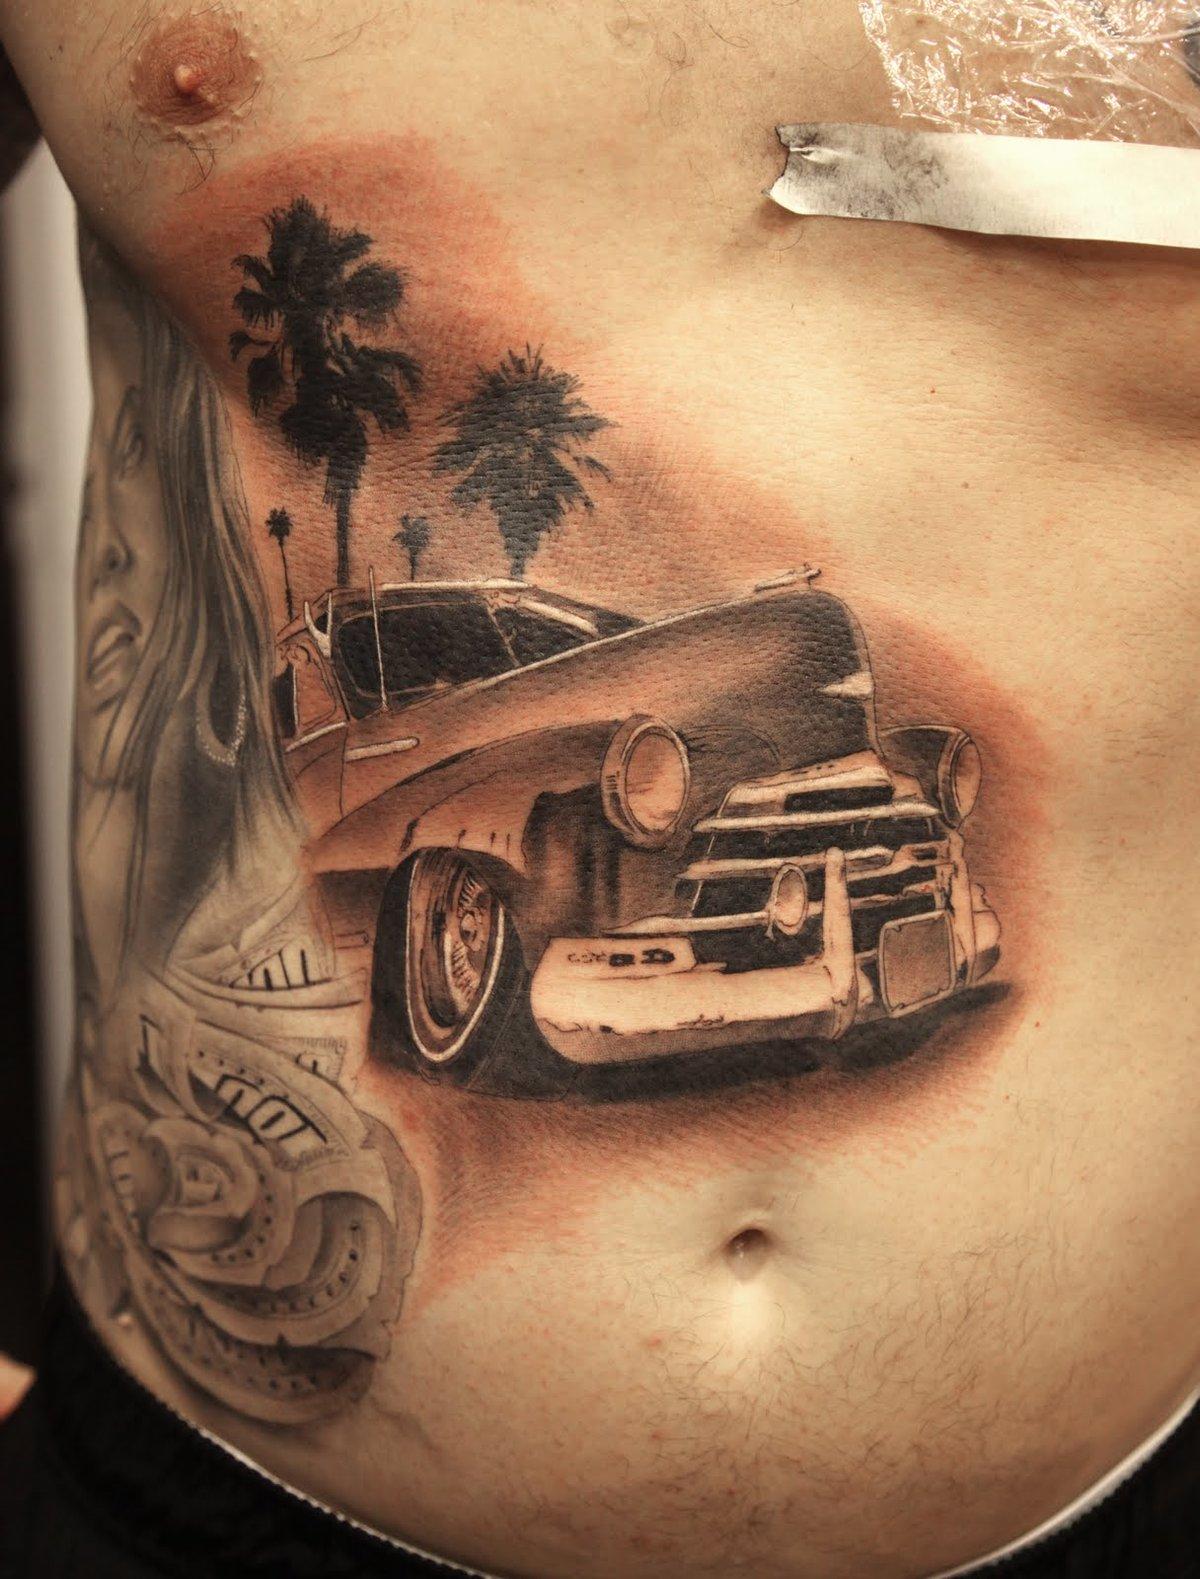 мой взгляд, картинки татуировок с машинами это окружен водной